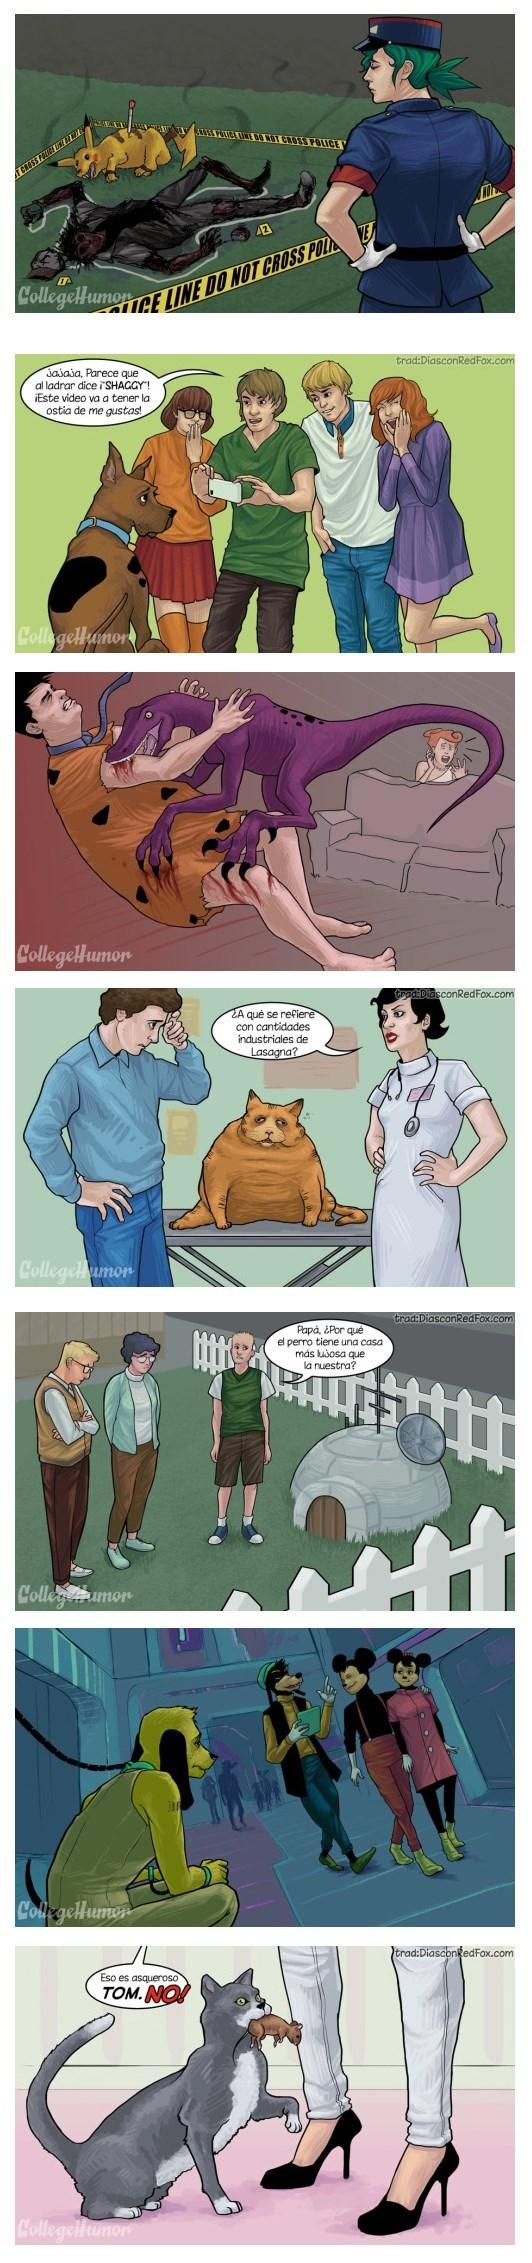 Dibujos animados en la vida real